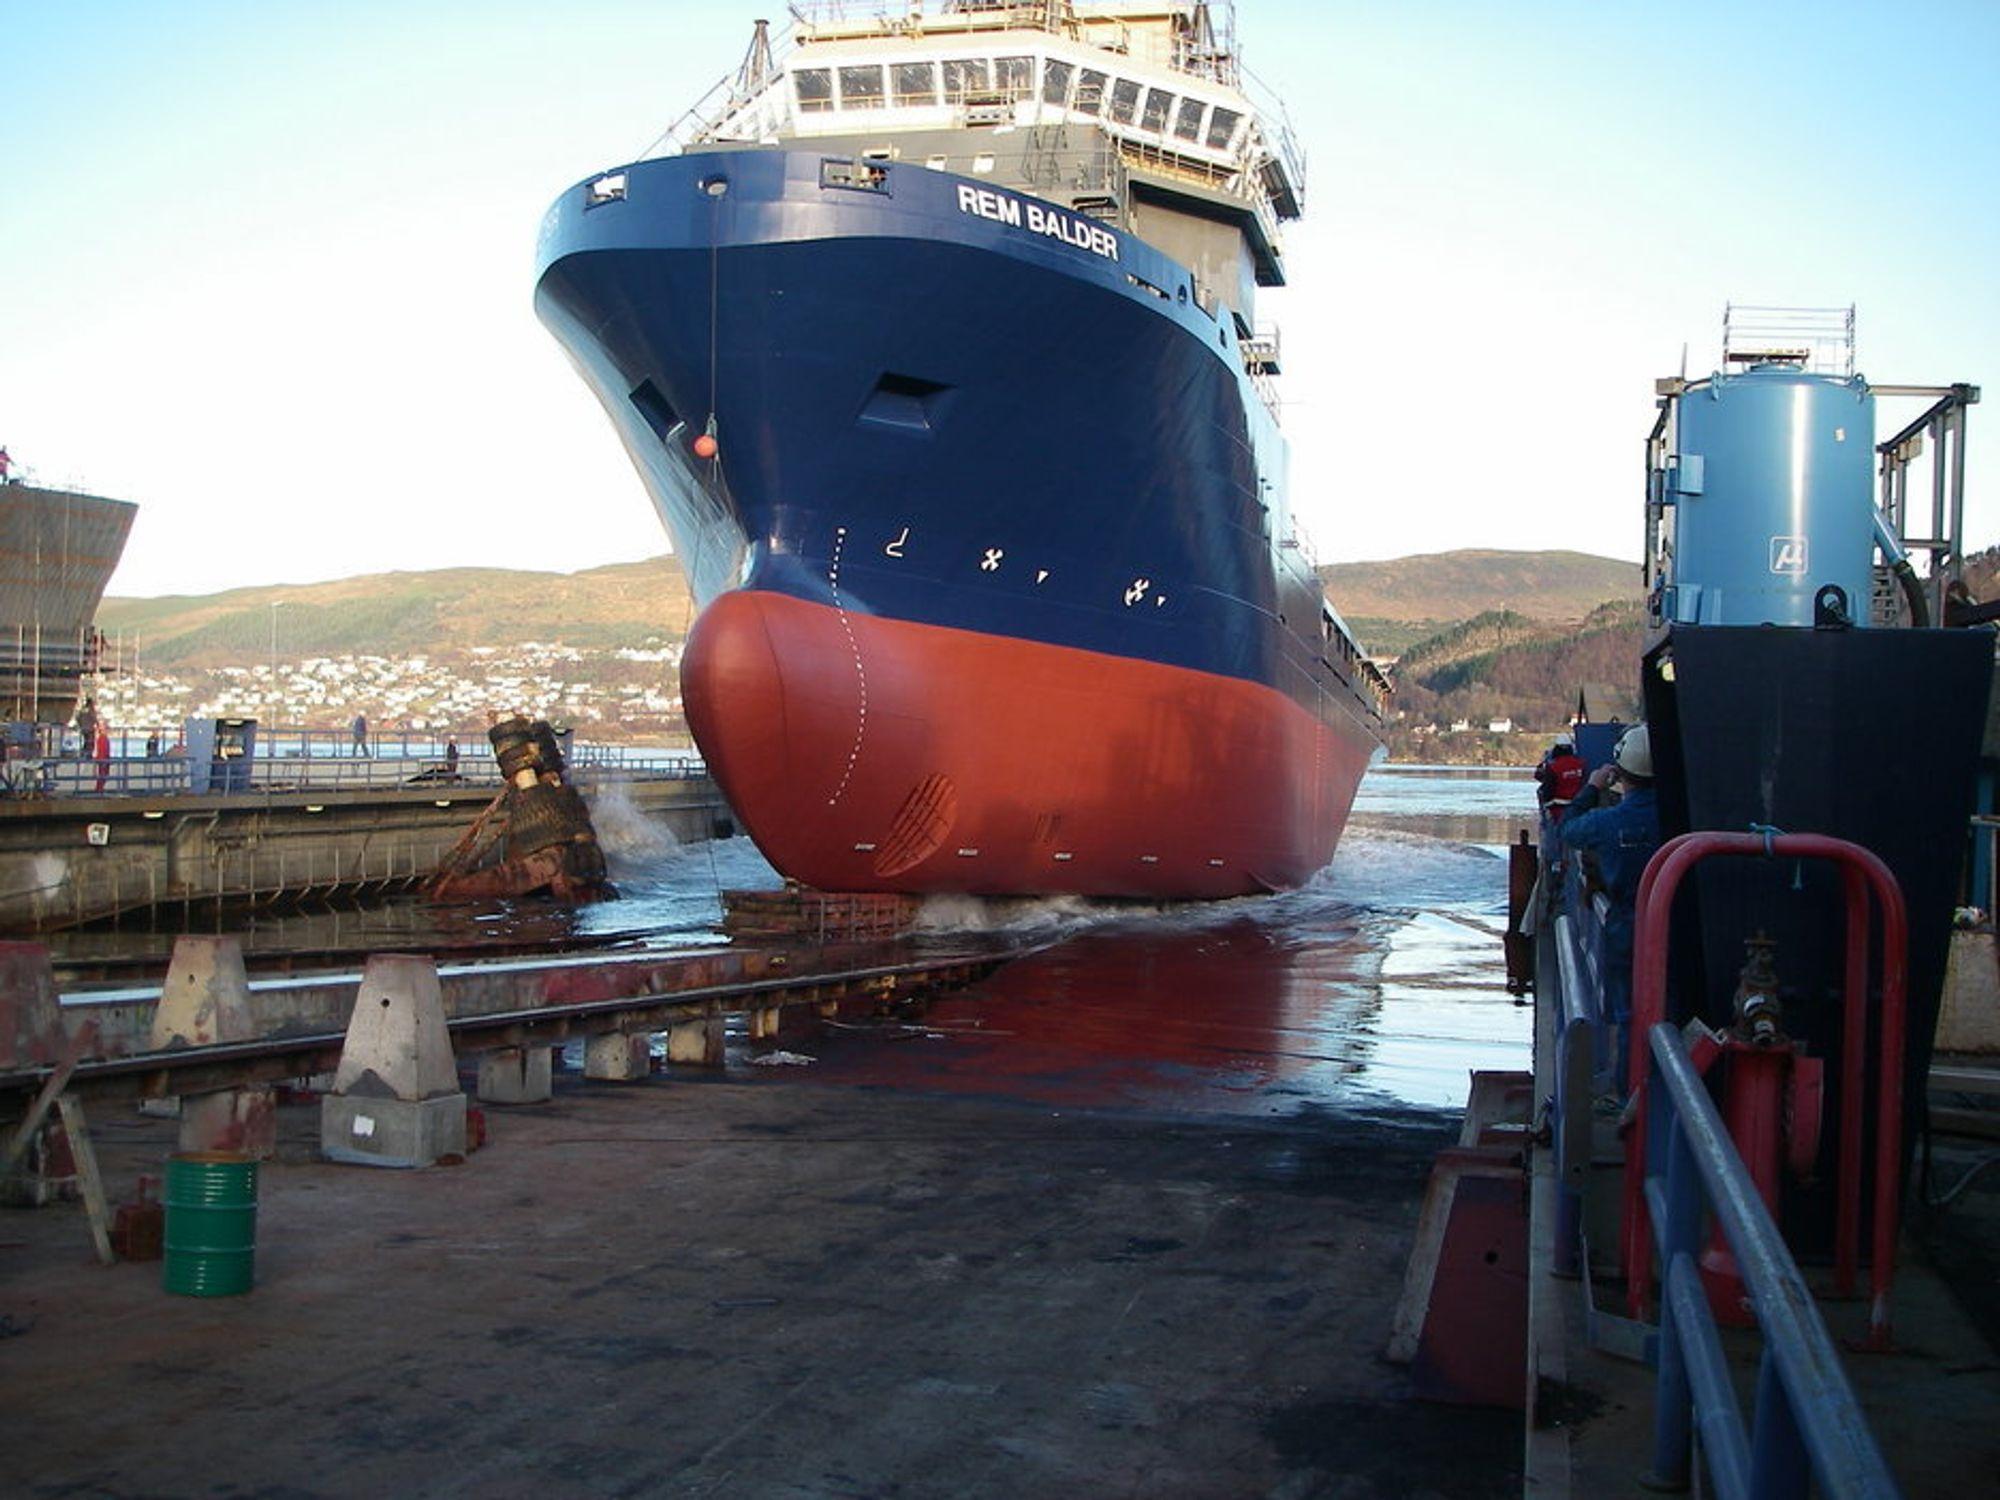 Sjøsetting av REM Balder ved Kleven Verft. Skipet er bygget opp av store moduler før det er klar til sjøsetting og utrusting ved kai.